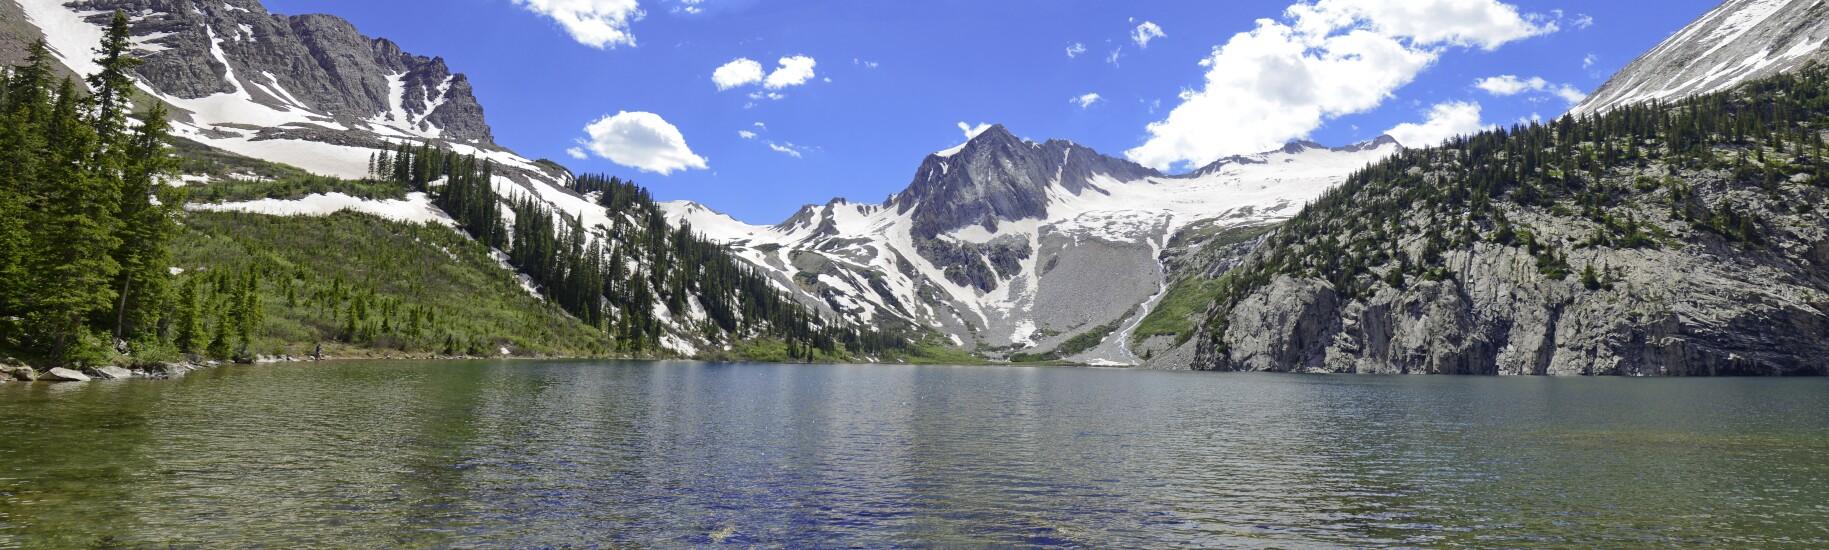 Colorado-080818